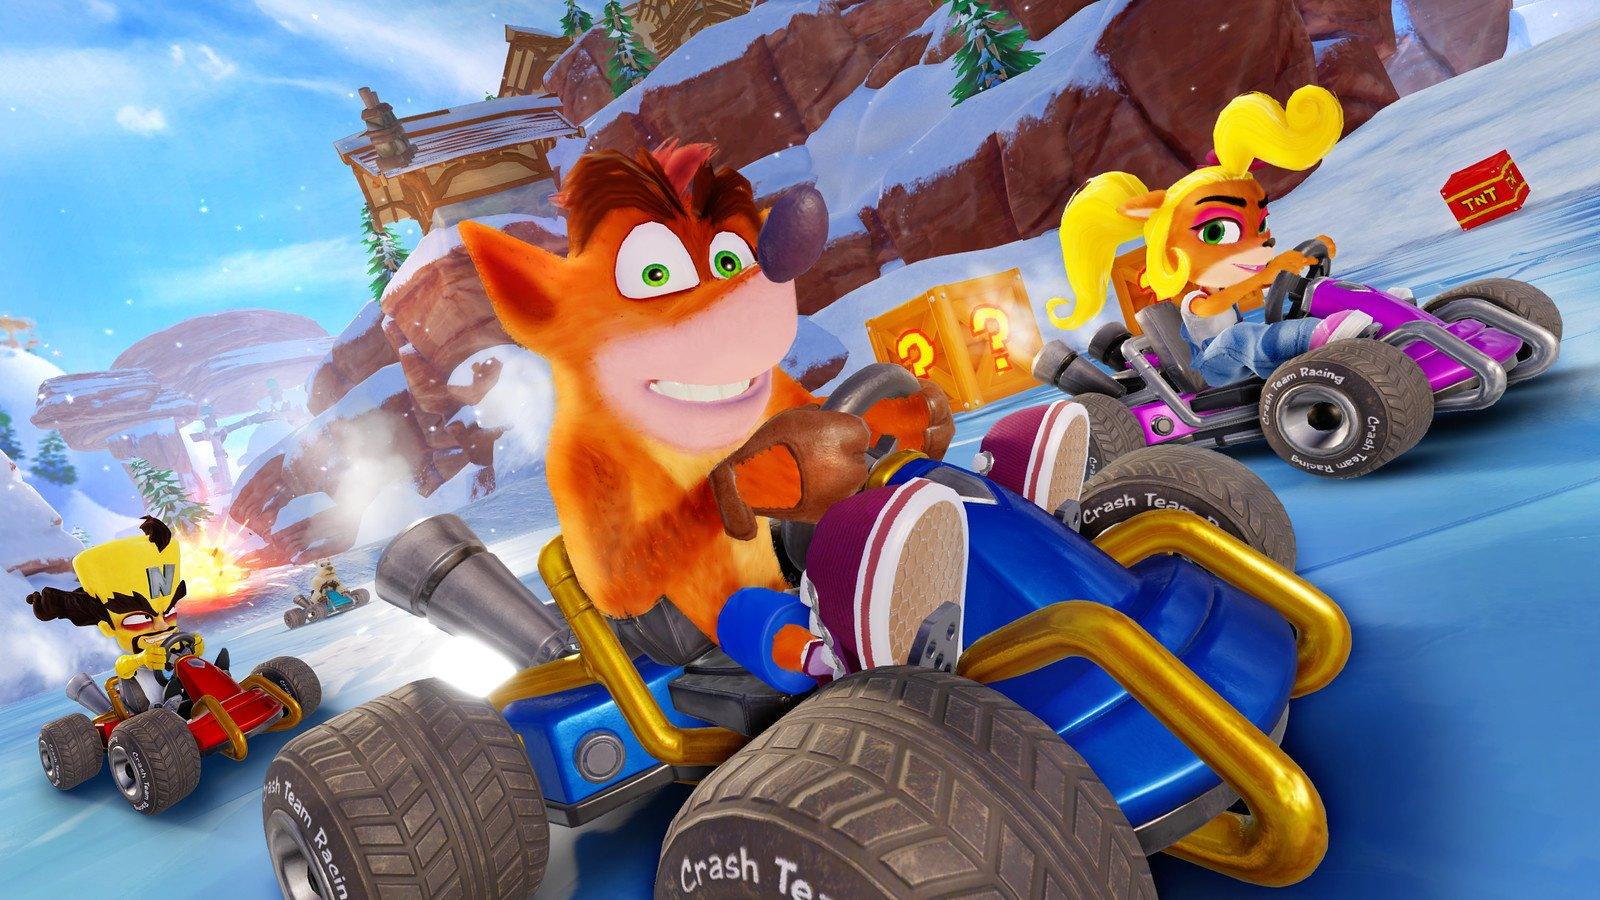 Crash Team Racing Nitro-Fueled File Size Revealed - Nintendo Life